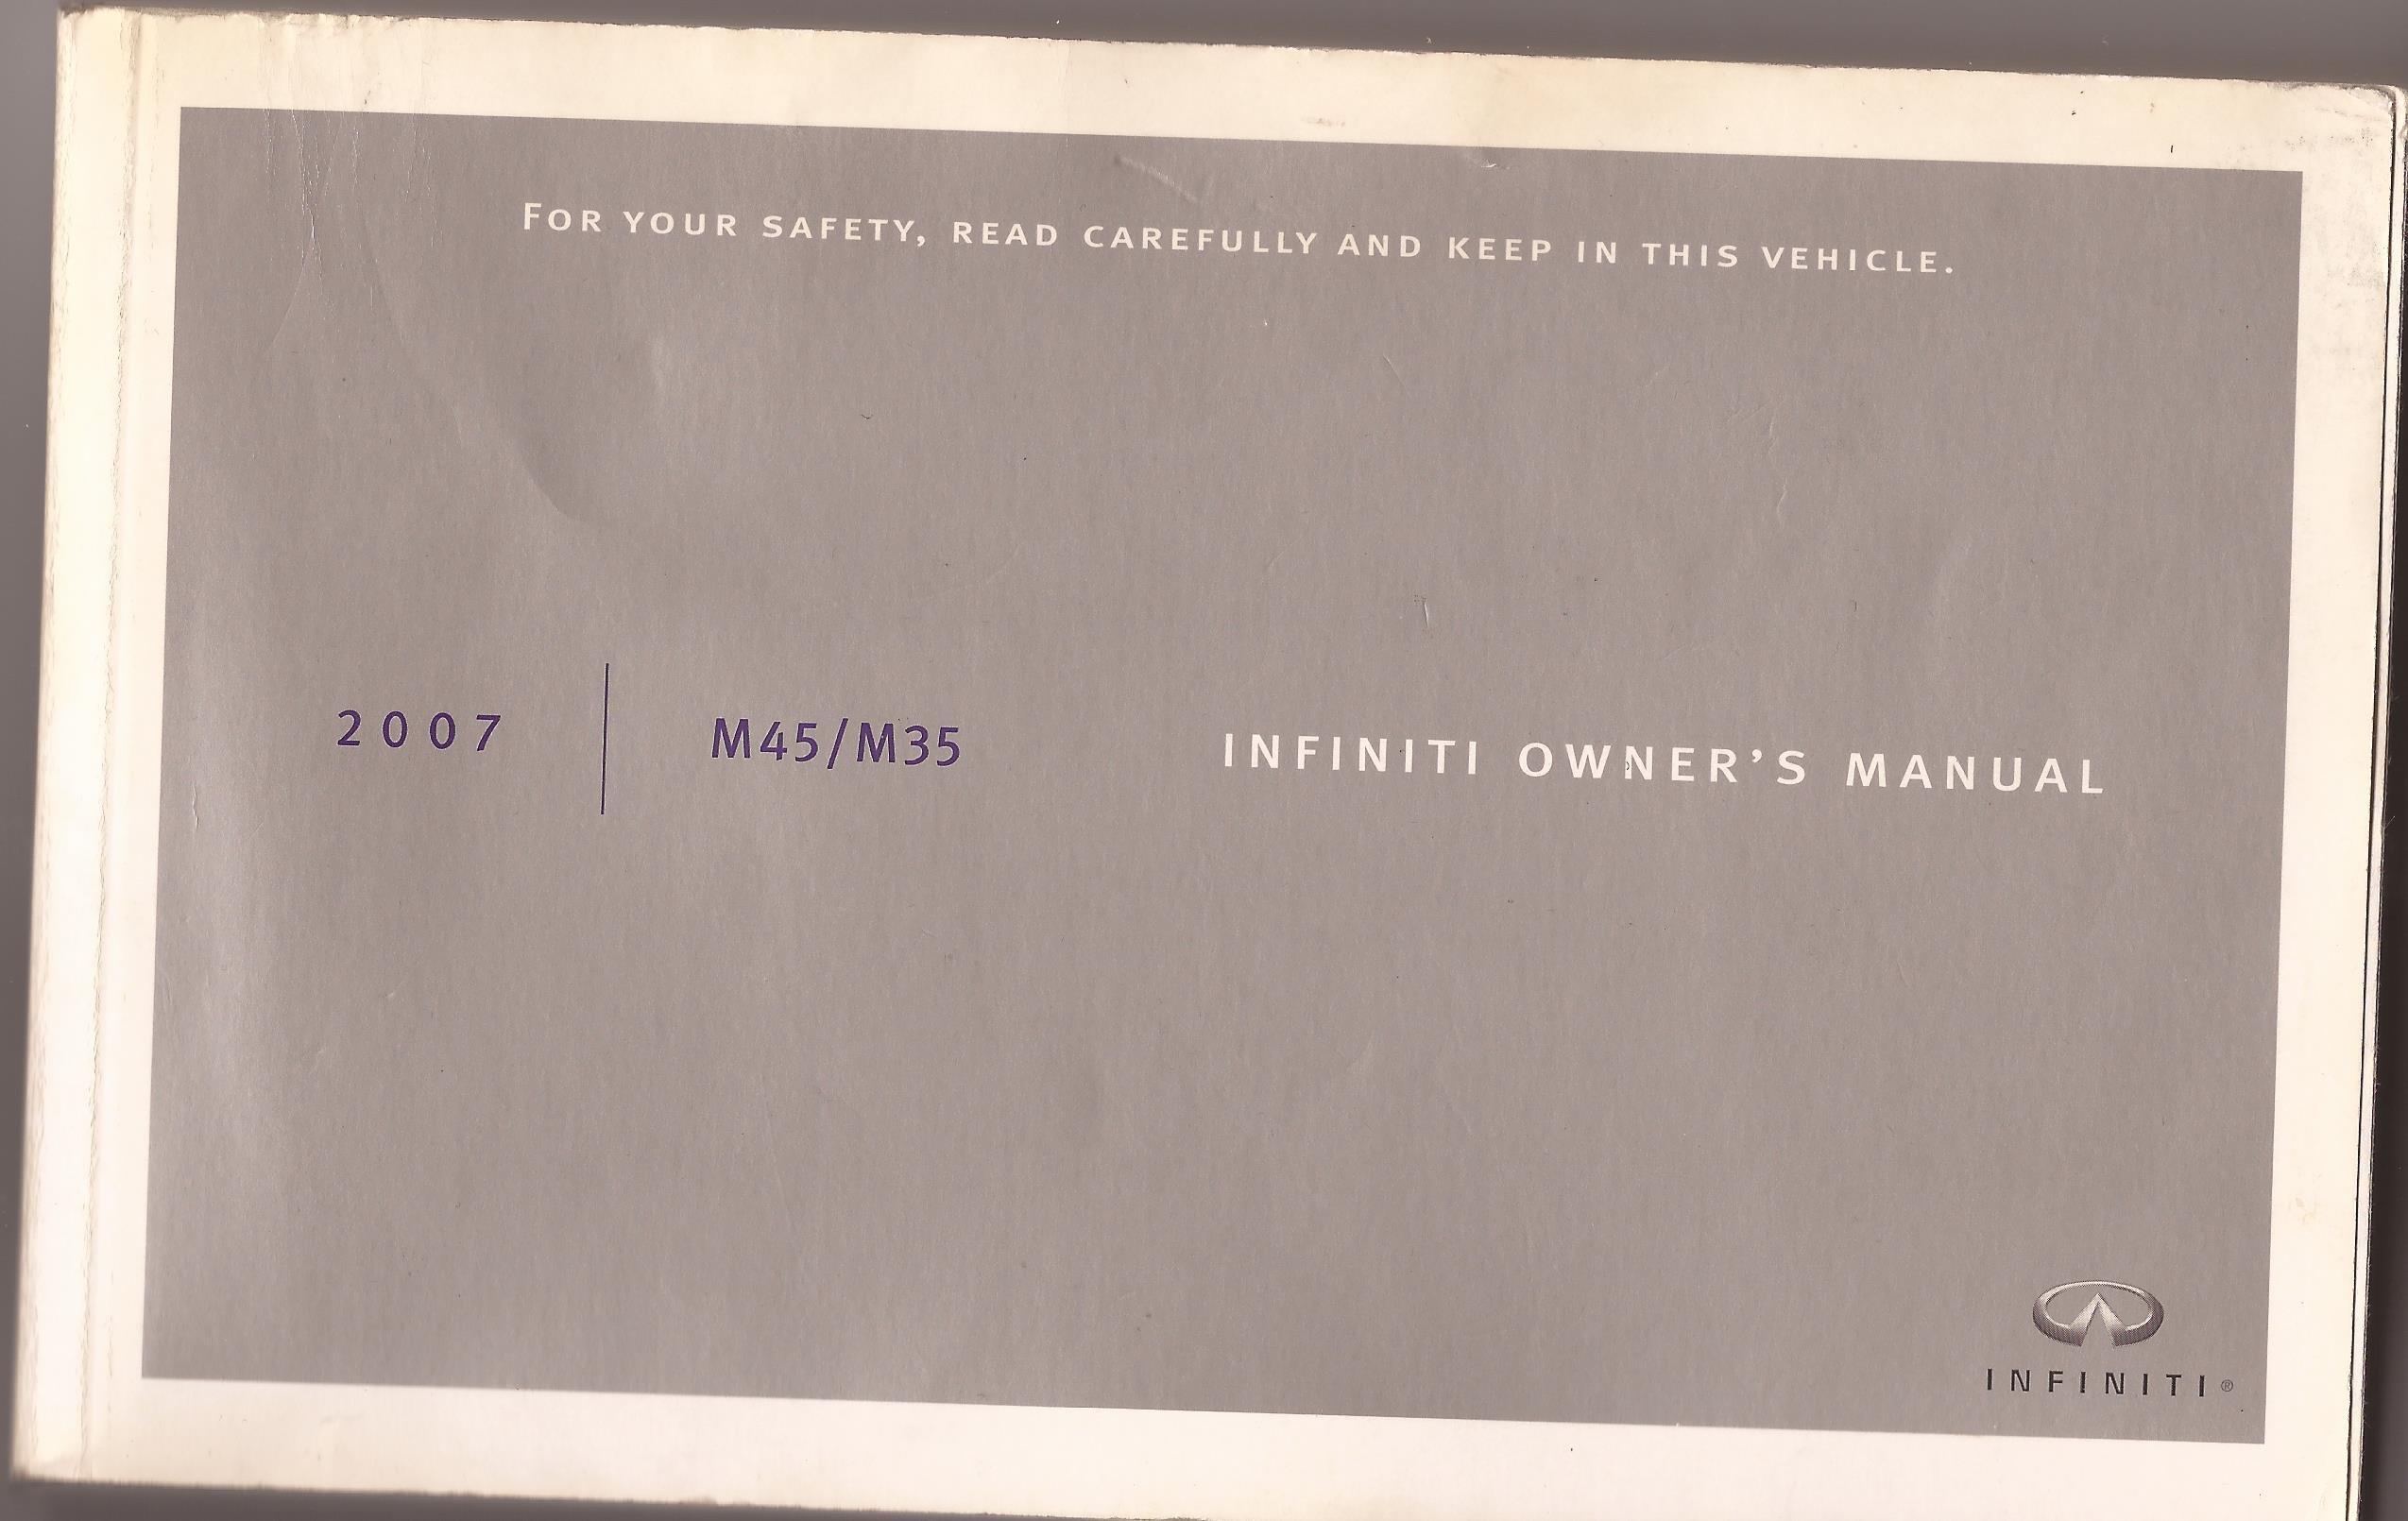 2006 infiniti m35 owners manual.